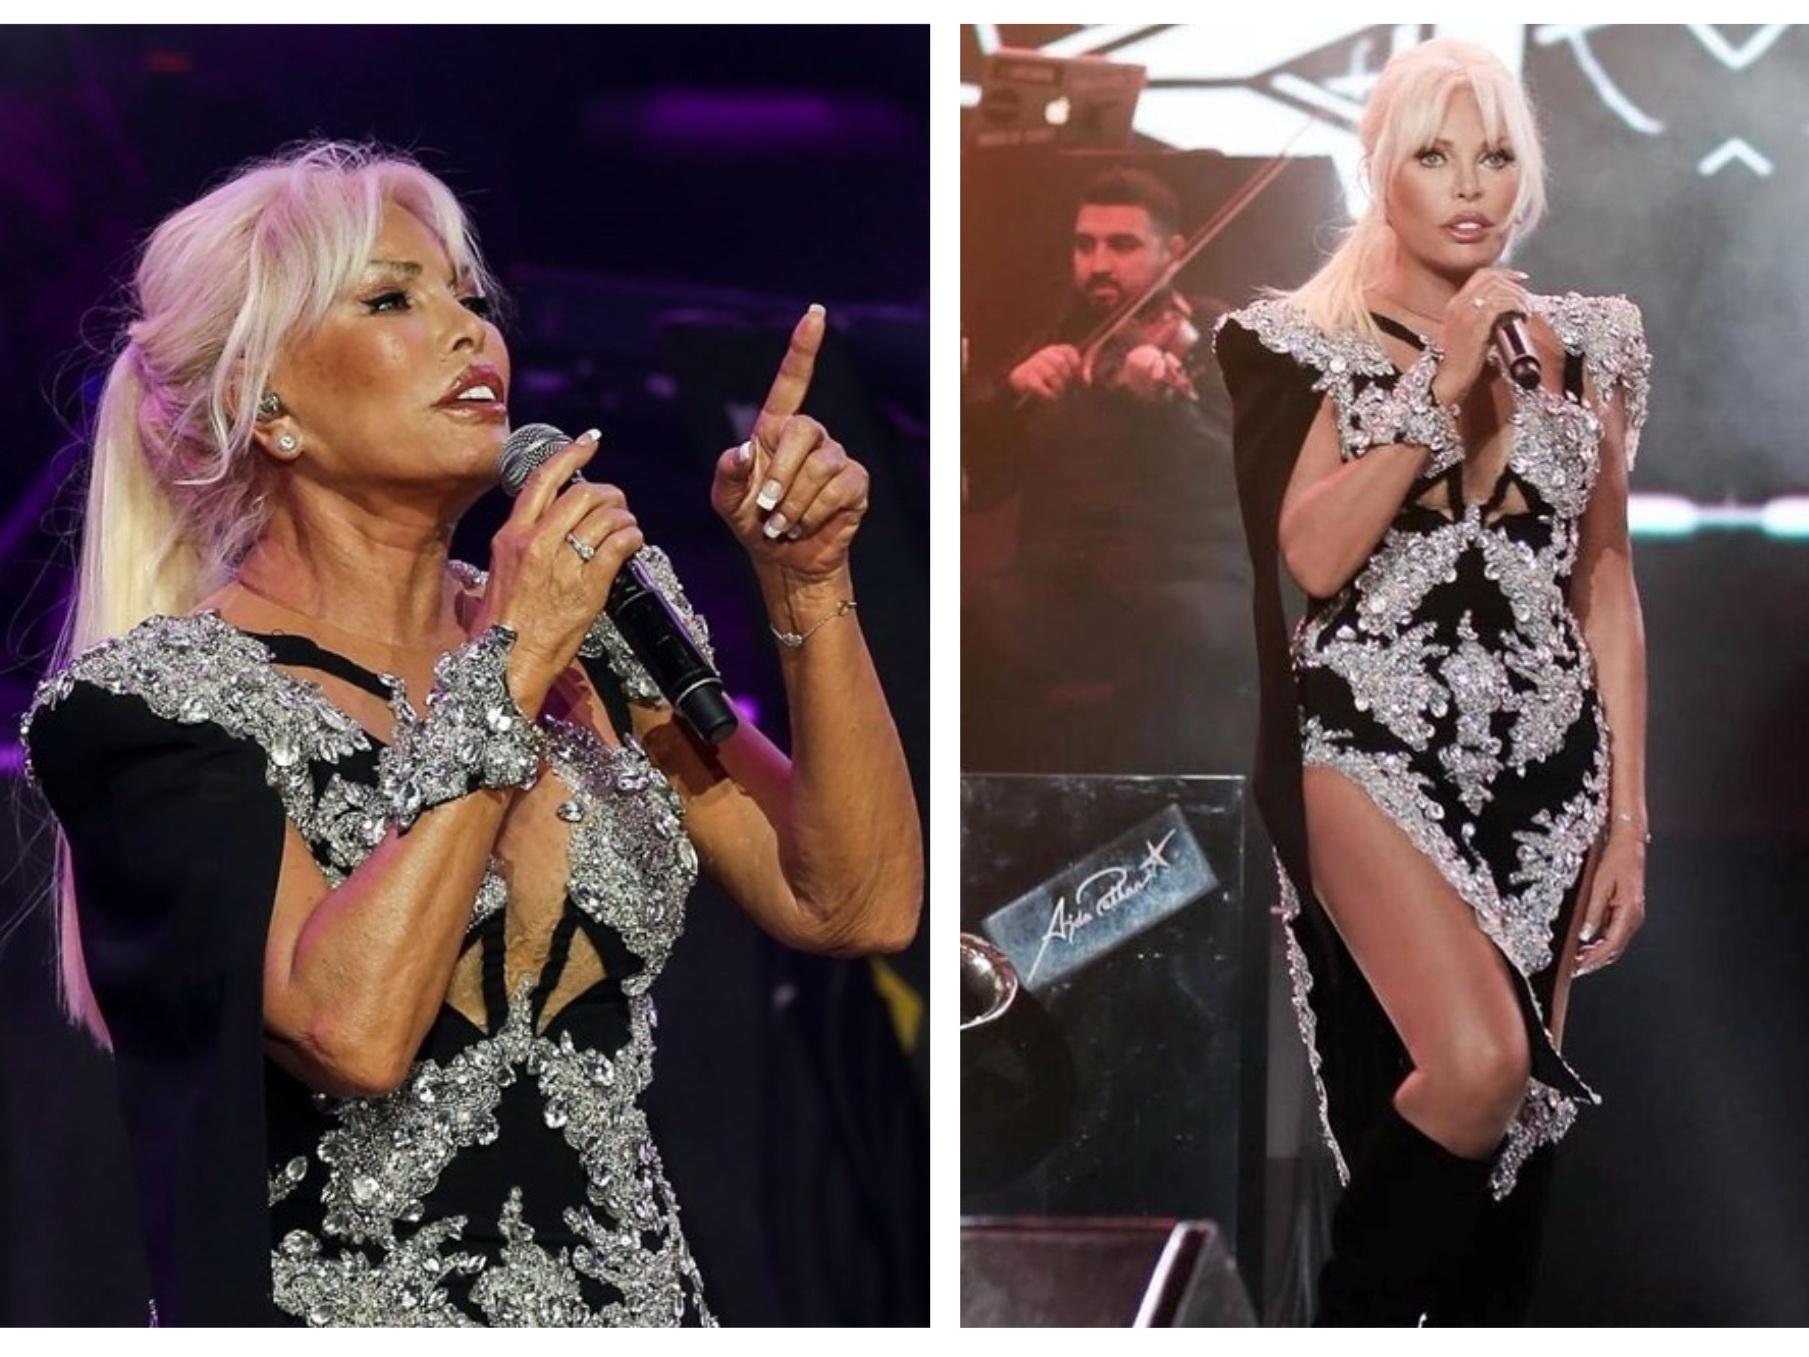 Как 73-летняя Ажда Пеккан выглядит без фотошопа: «до» и «после» - ФОТО